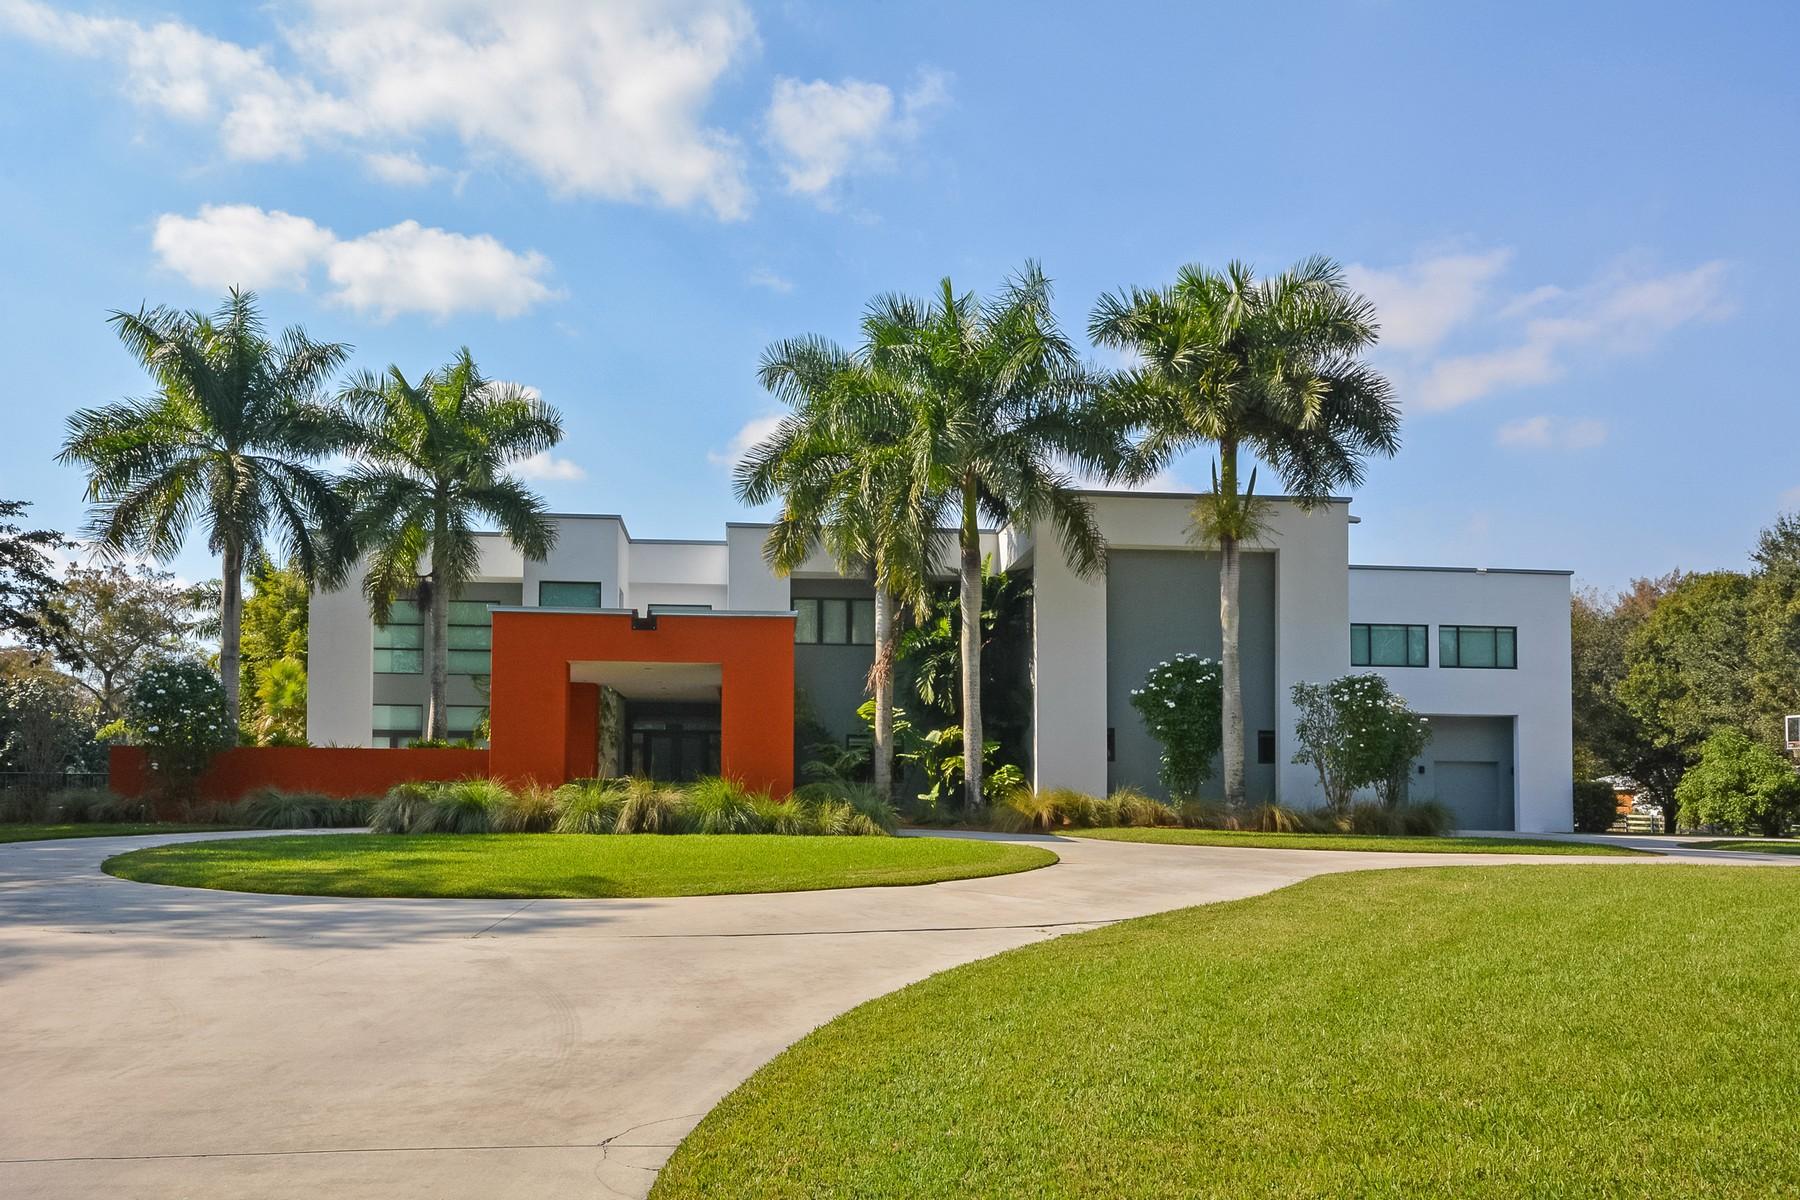 Vivienda unifamiliar por un Venta en 19783 116th Ave S, Boca Raton, FL 33498 19783 116th Ave S Boca Raton, Florida 33498 Estados Unidos